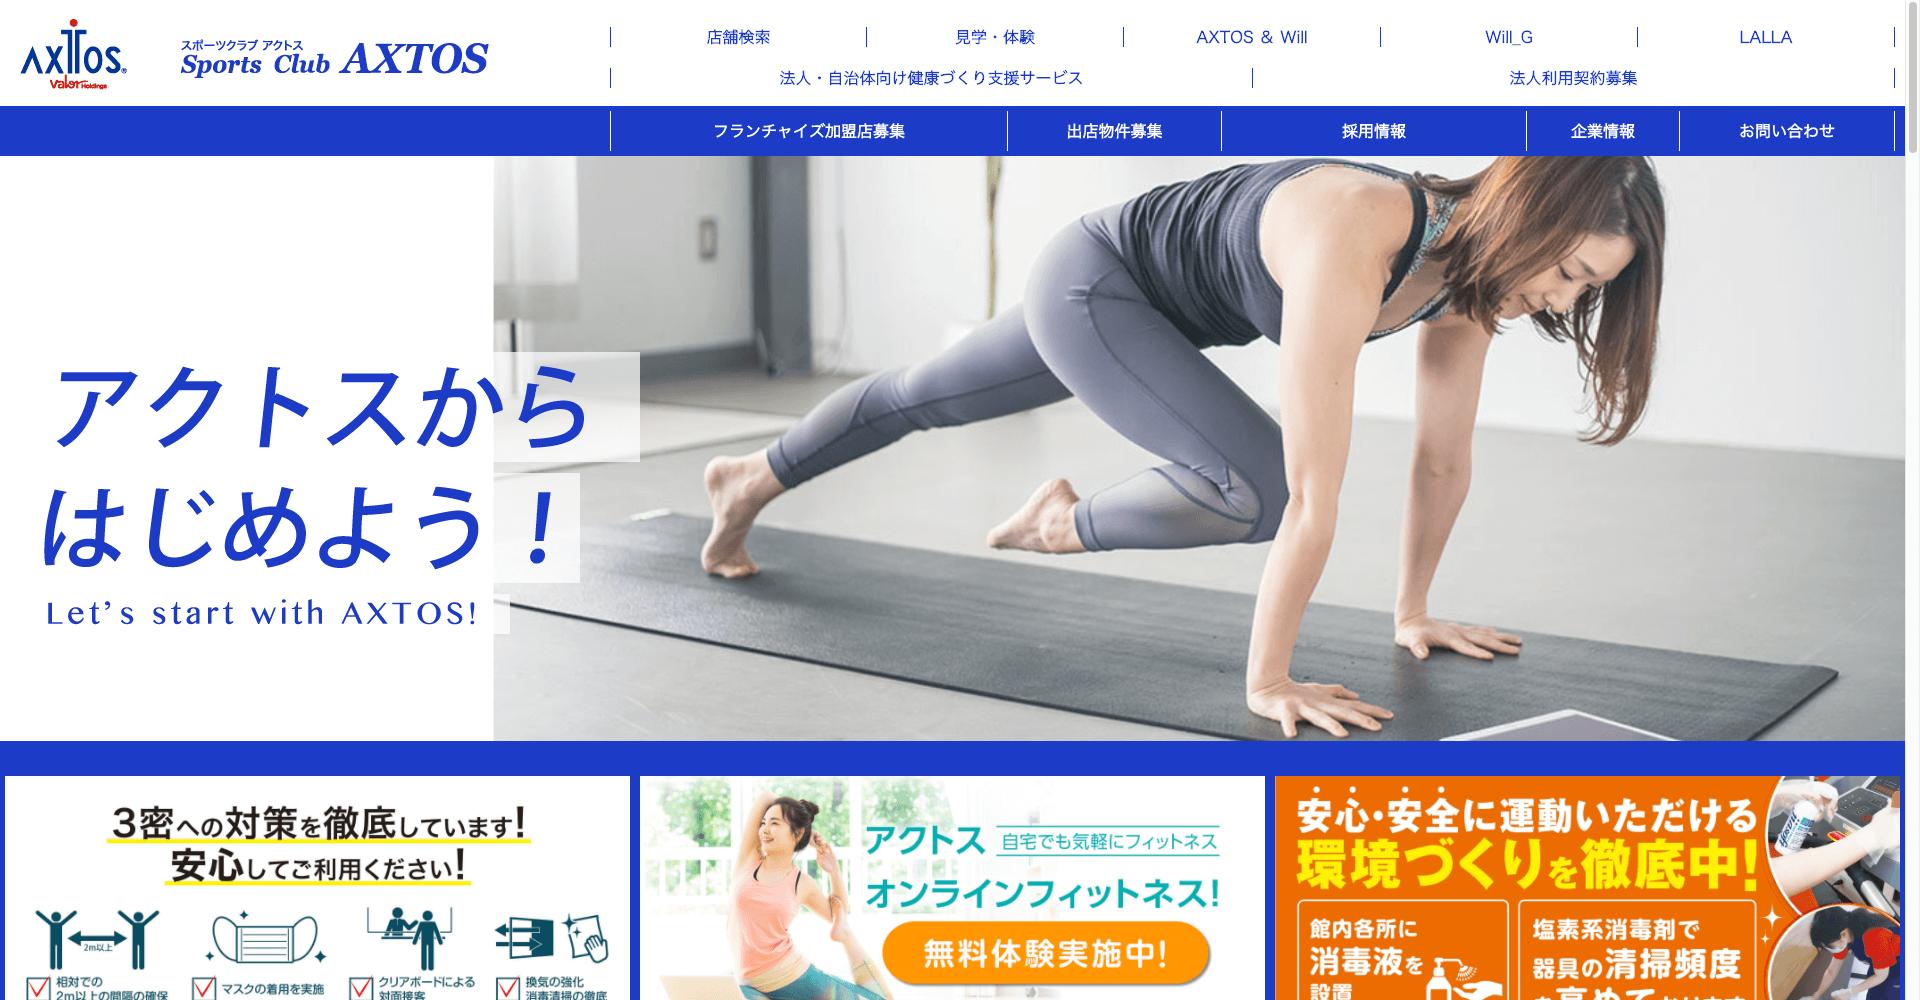 スポーツクラブ アクトスWill_G イオン新潟東